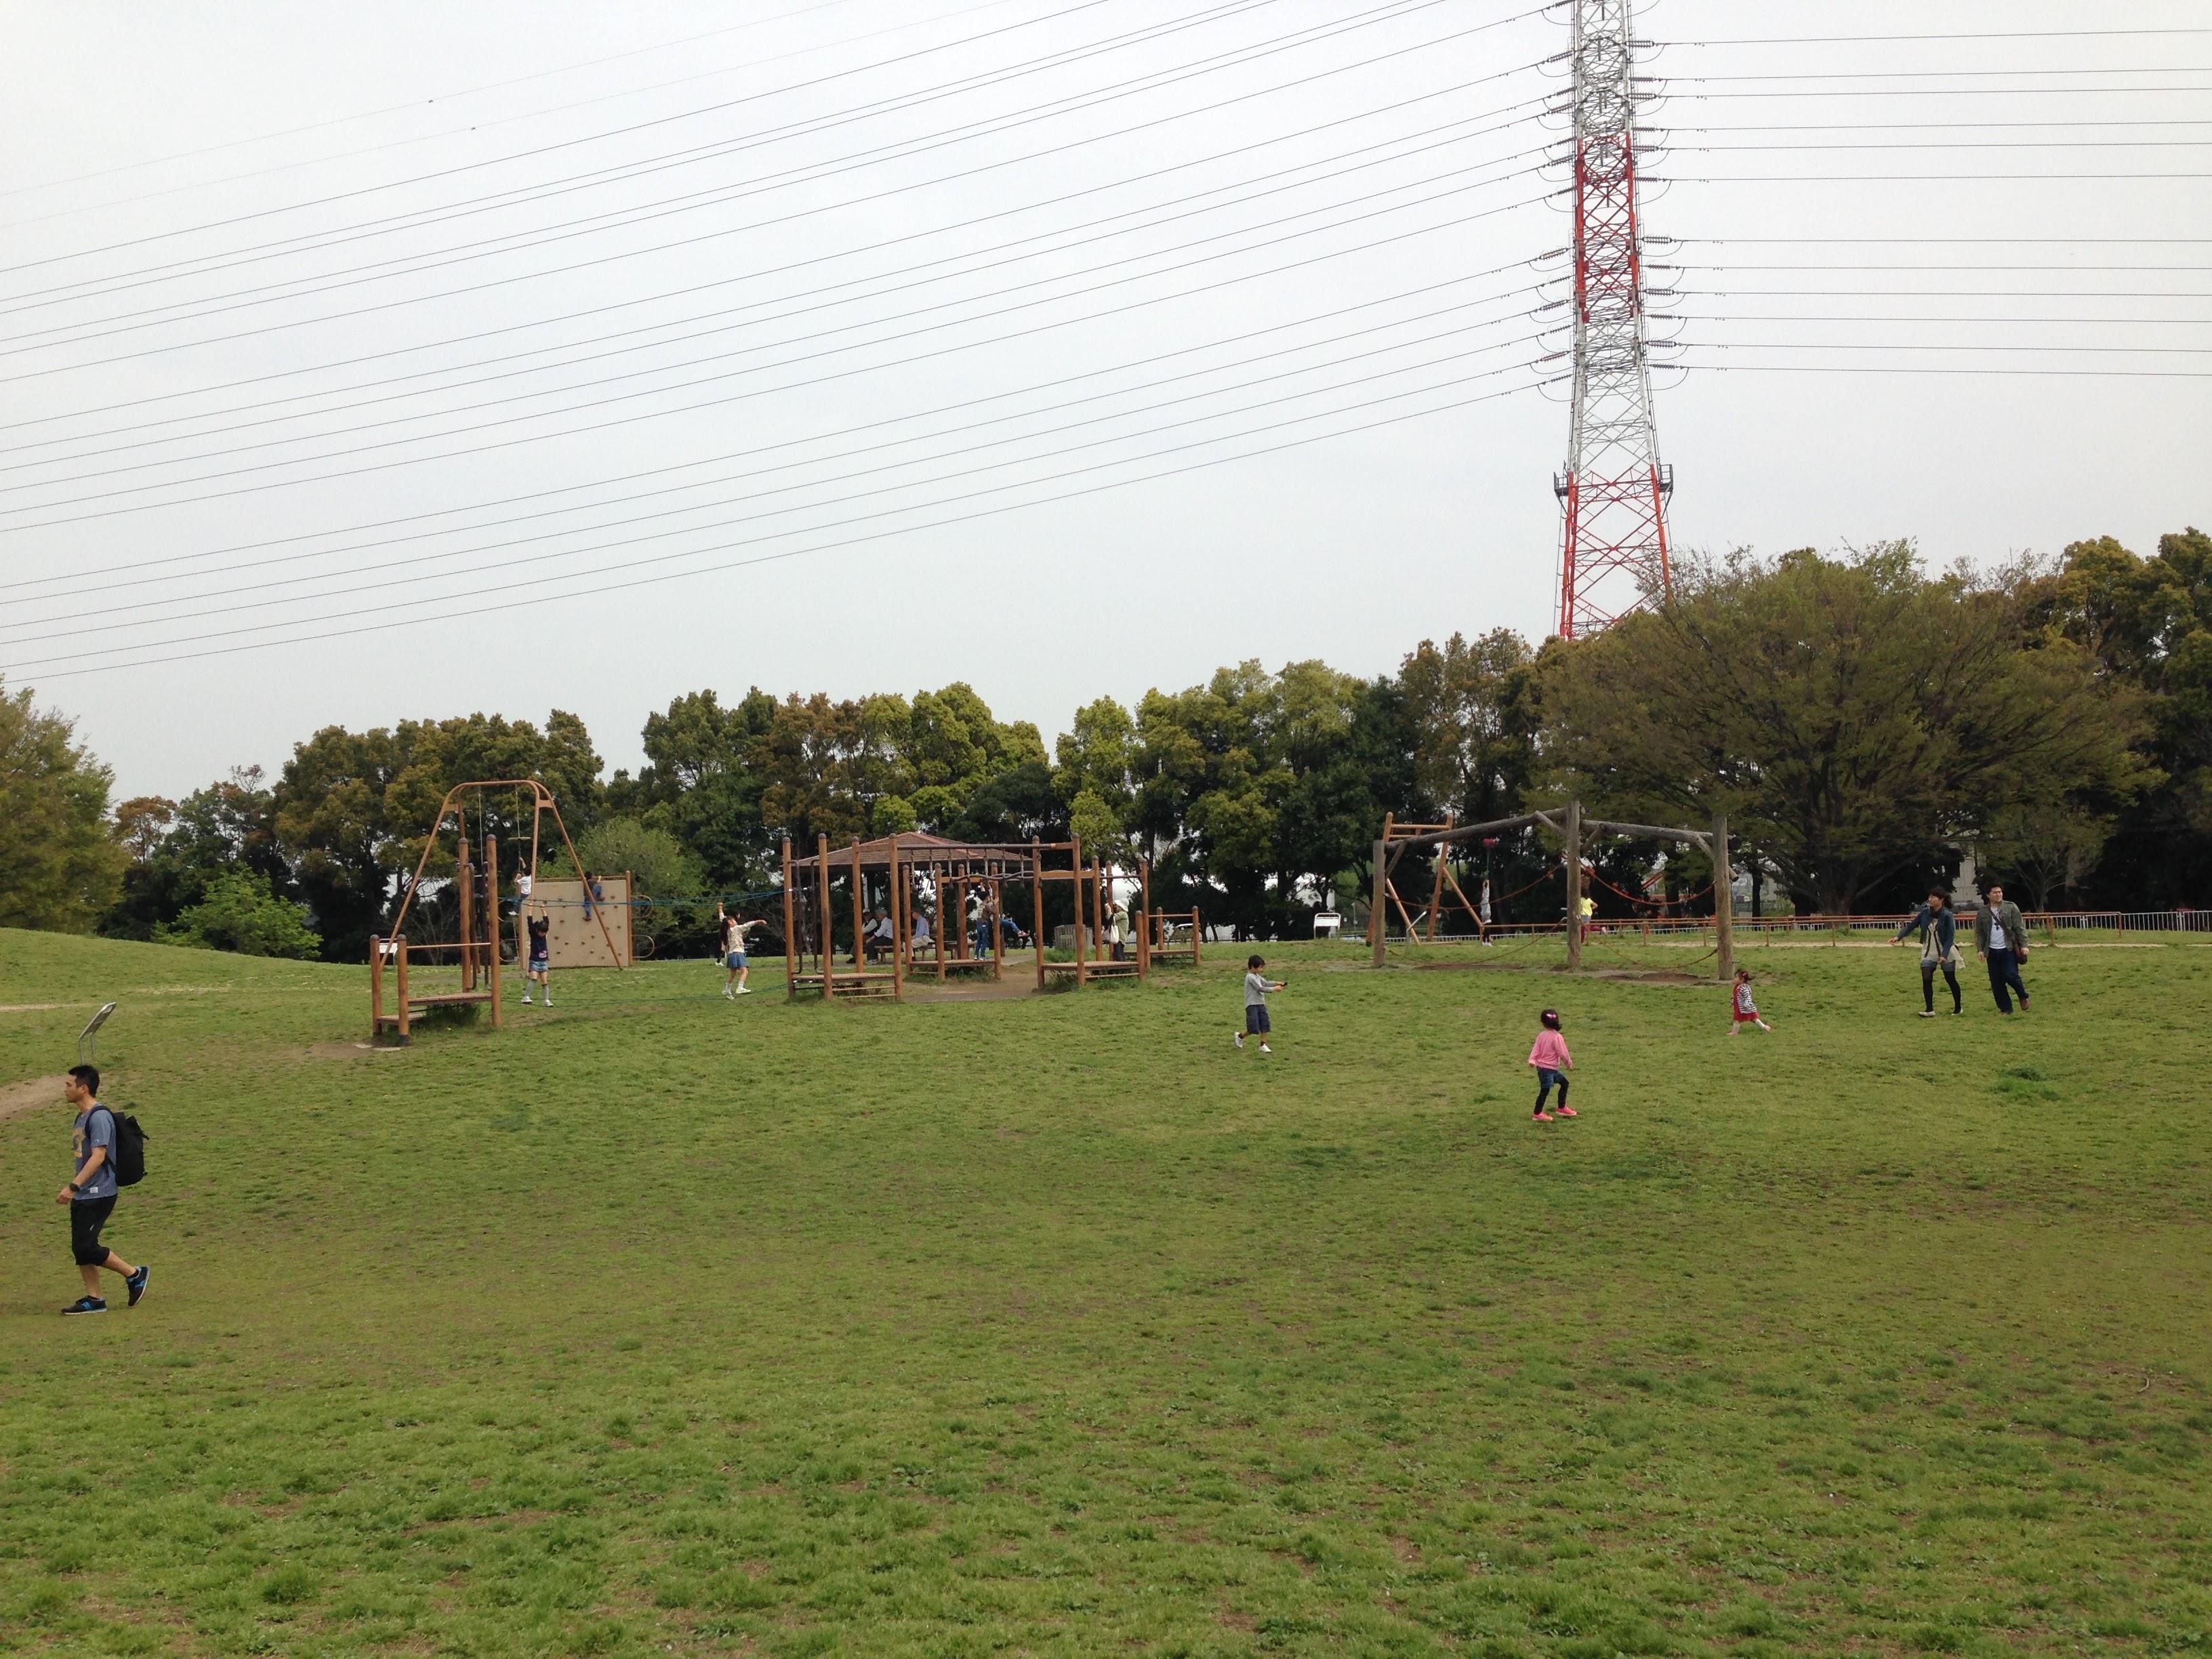 埼玉県の県民健康福祉村は子供も大人も楽しめる公園!